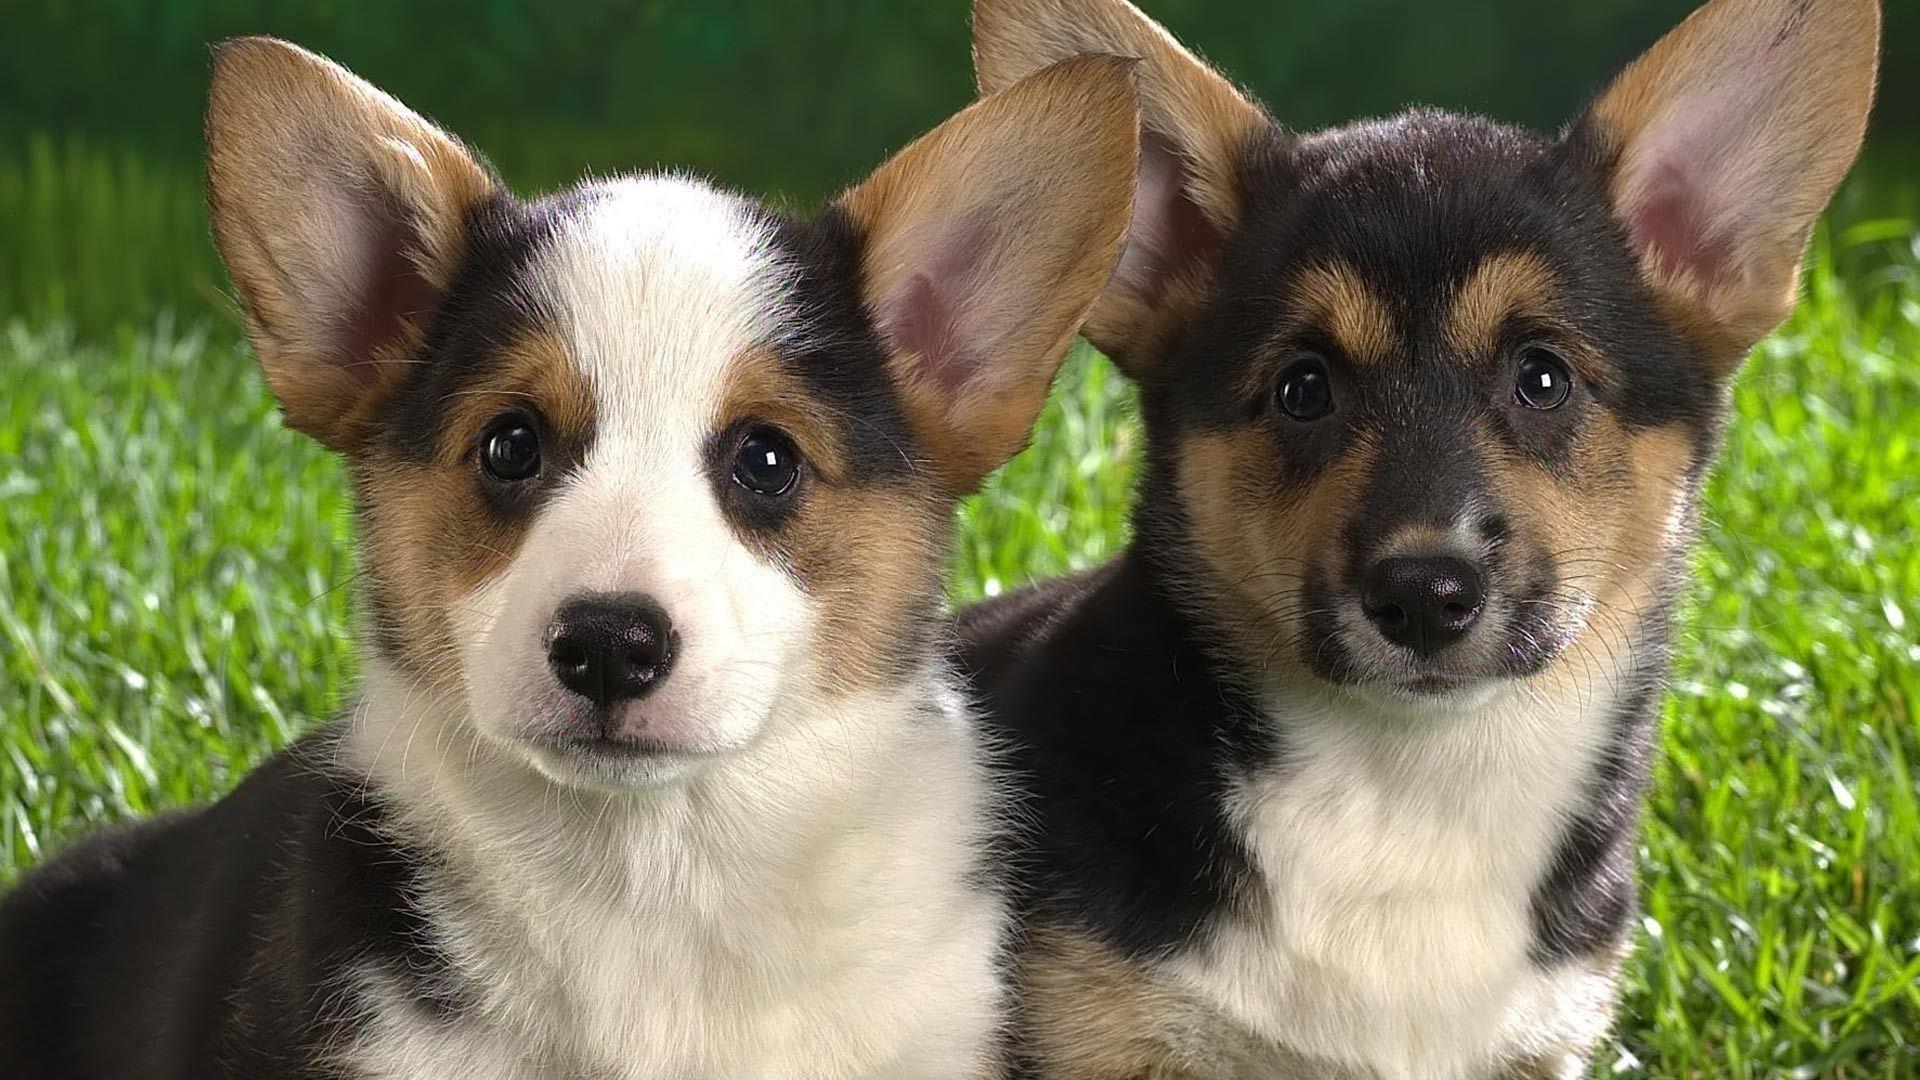 Cute little pups (1920x1080, little)  via www.allwallpaper.in